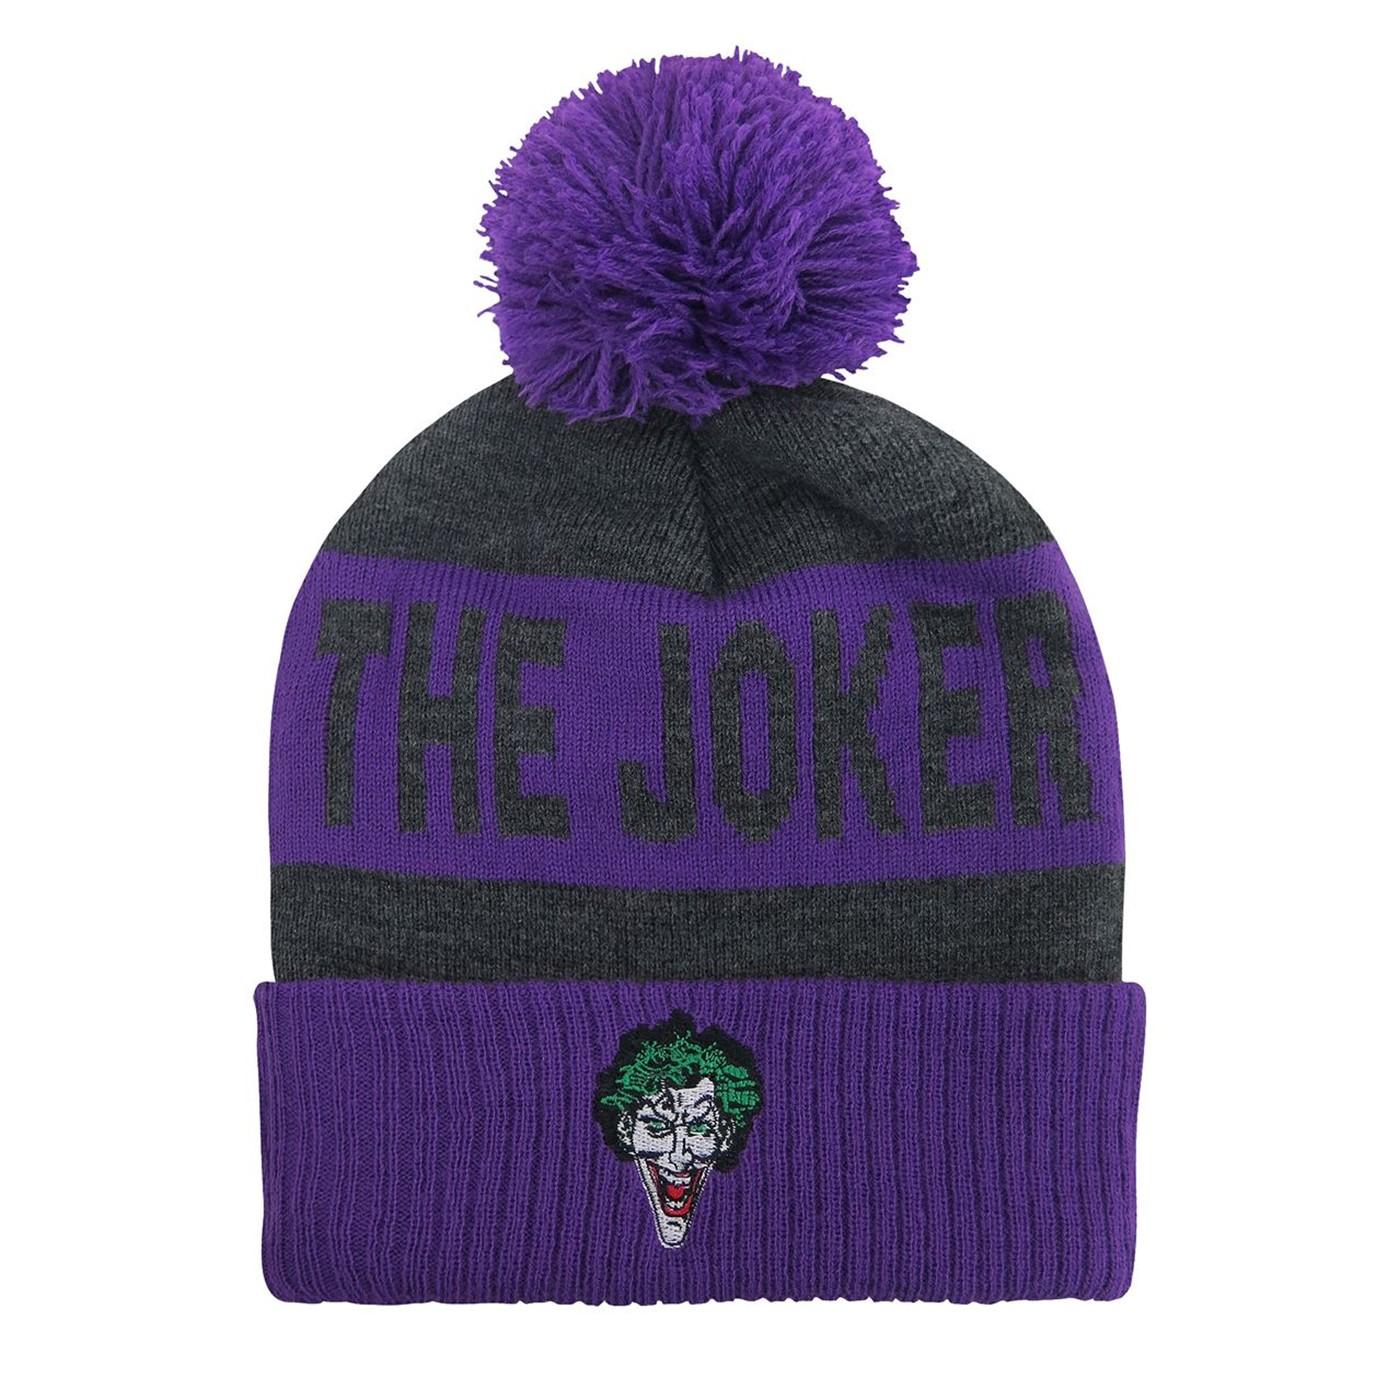 The Joker Classic Pom Pom Beanie